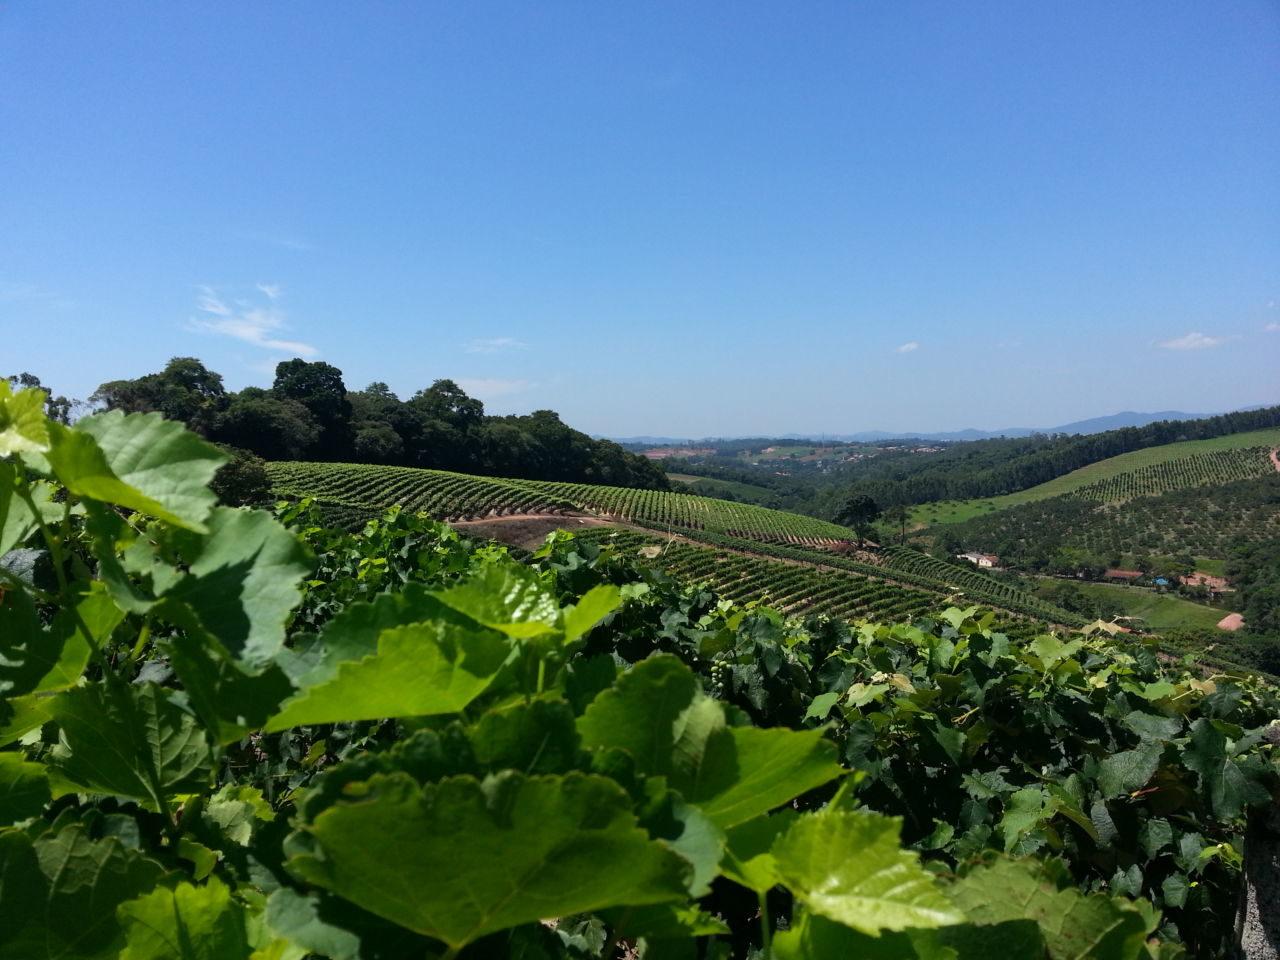 Imagem com céu claro, morros com plantações e foco nas parreiras de uva